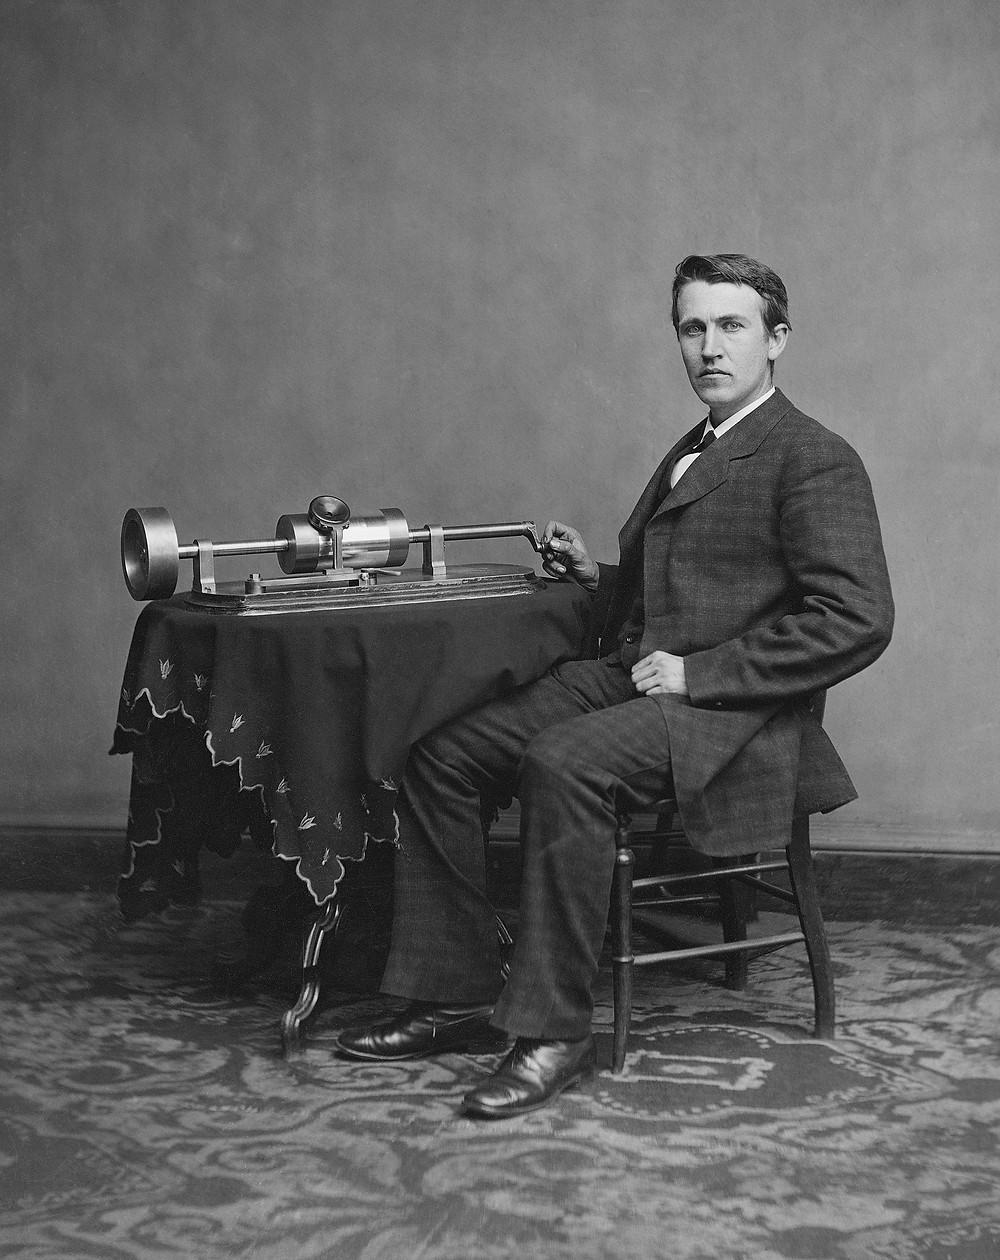 湯瑪斯·愛迪生與他所發明的早期留聲機